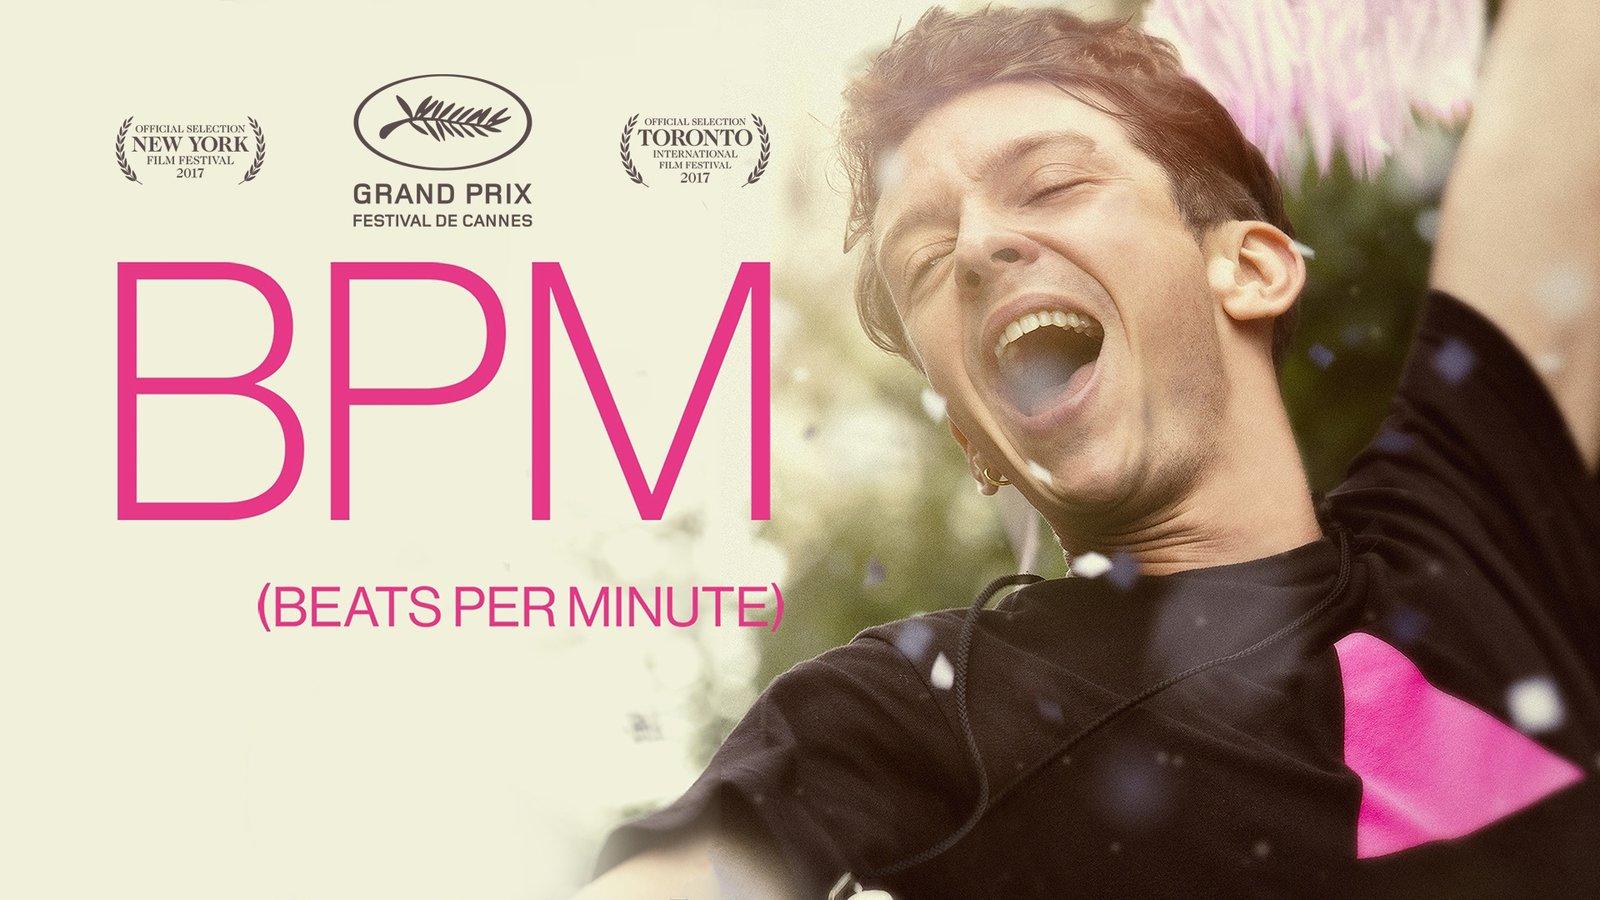 BPM (Beats Per Minute) - 120 battements par minute